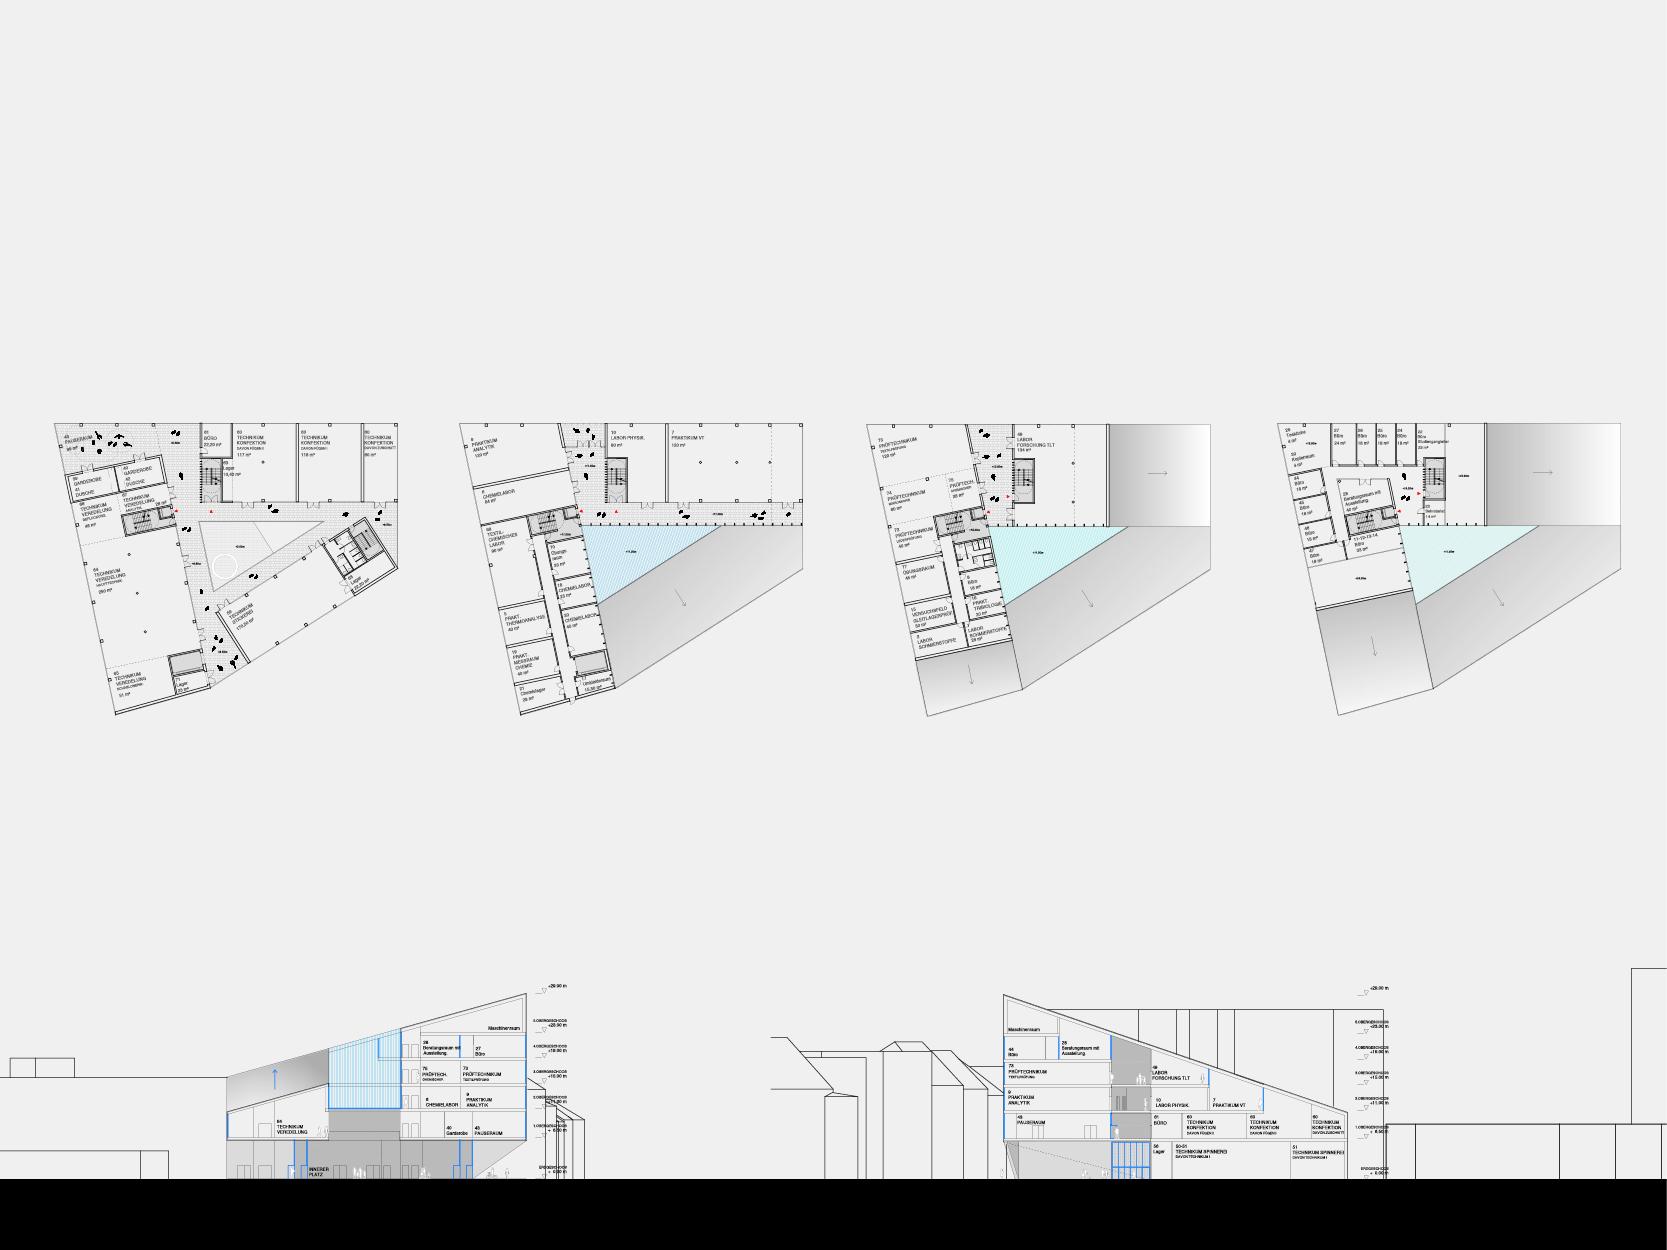 C019_Slides42.jpg